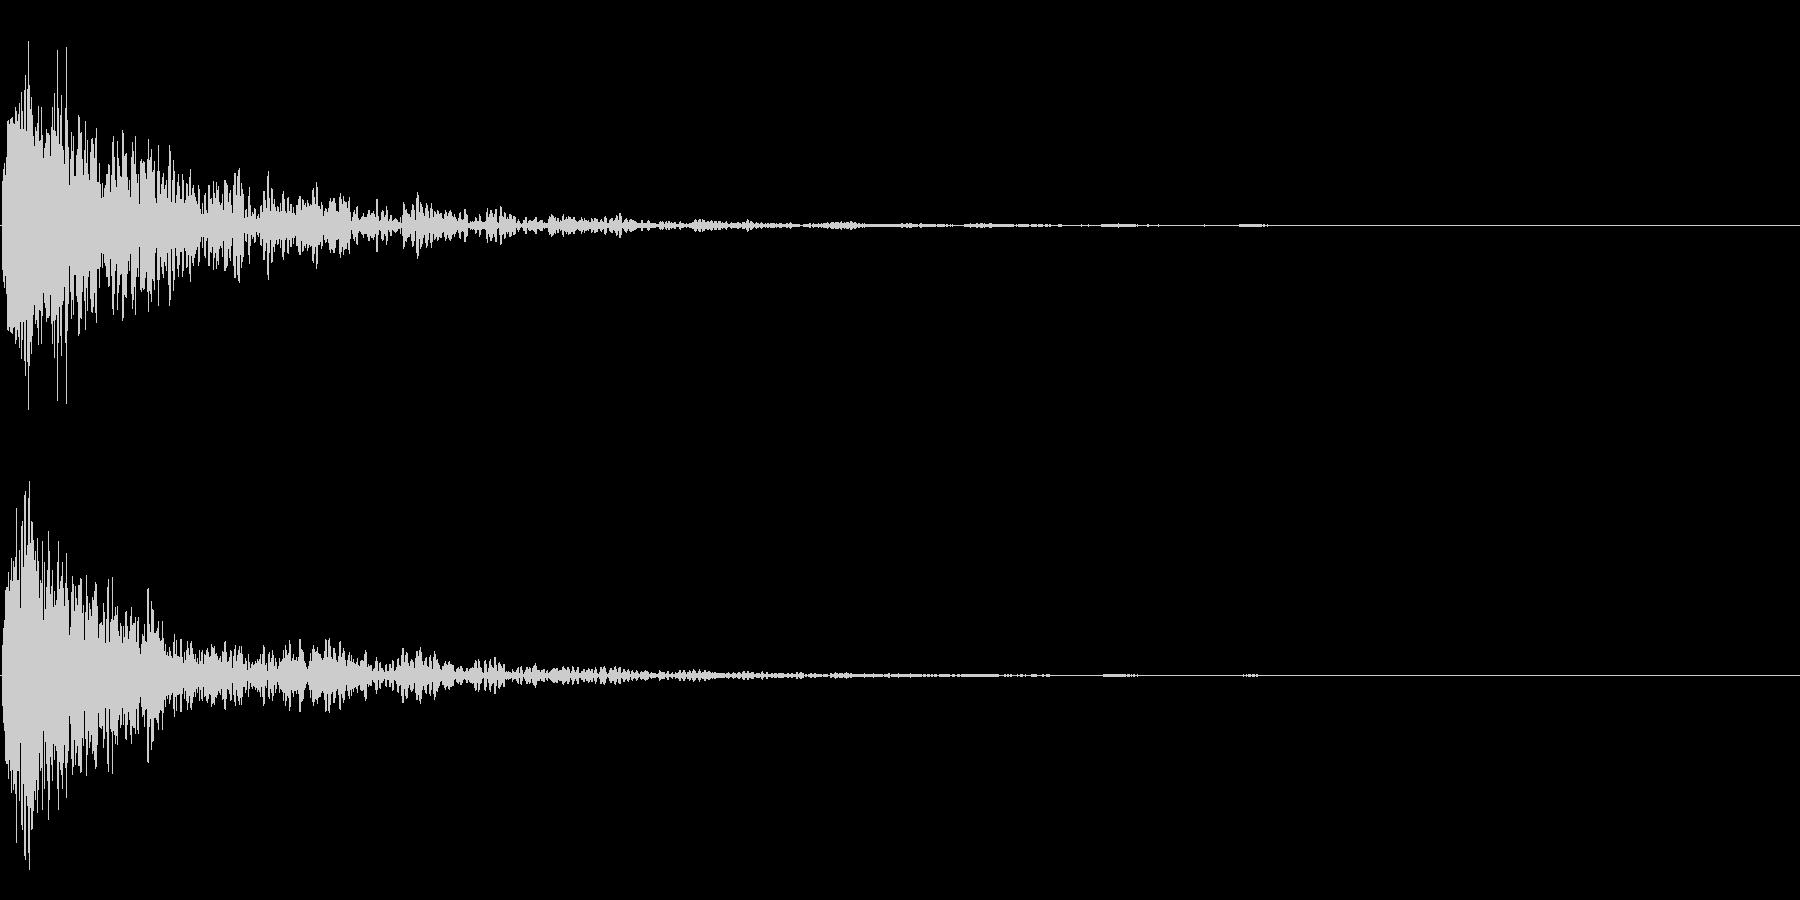 ガーン衝撃音ホラーサスペンスに最適のSEの未再生の波形